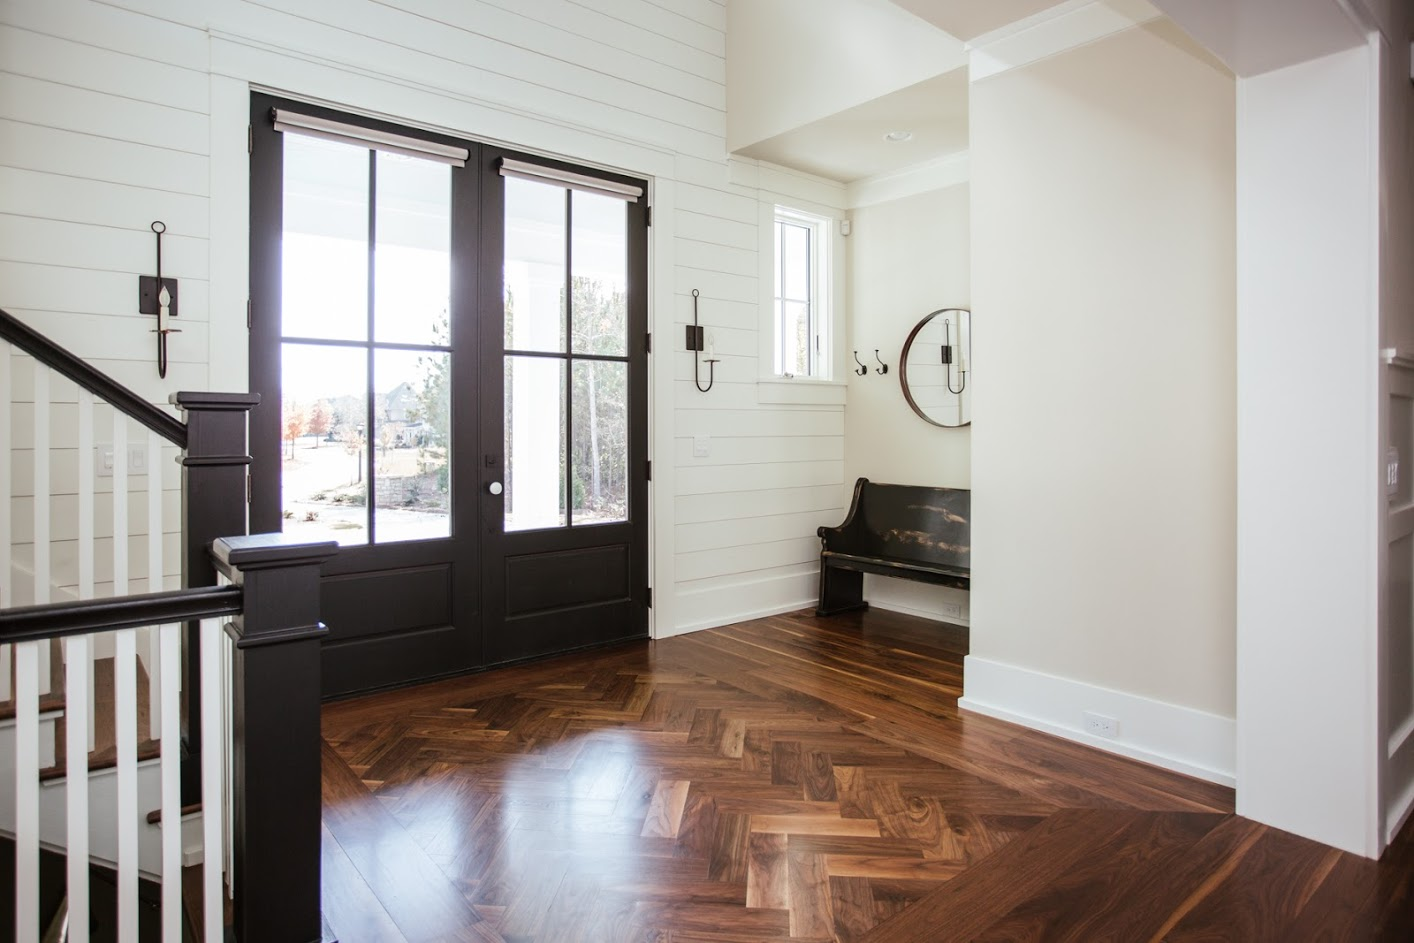 Wide Plank Black Walnut Flooring with Herringbone Detail